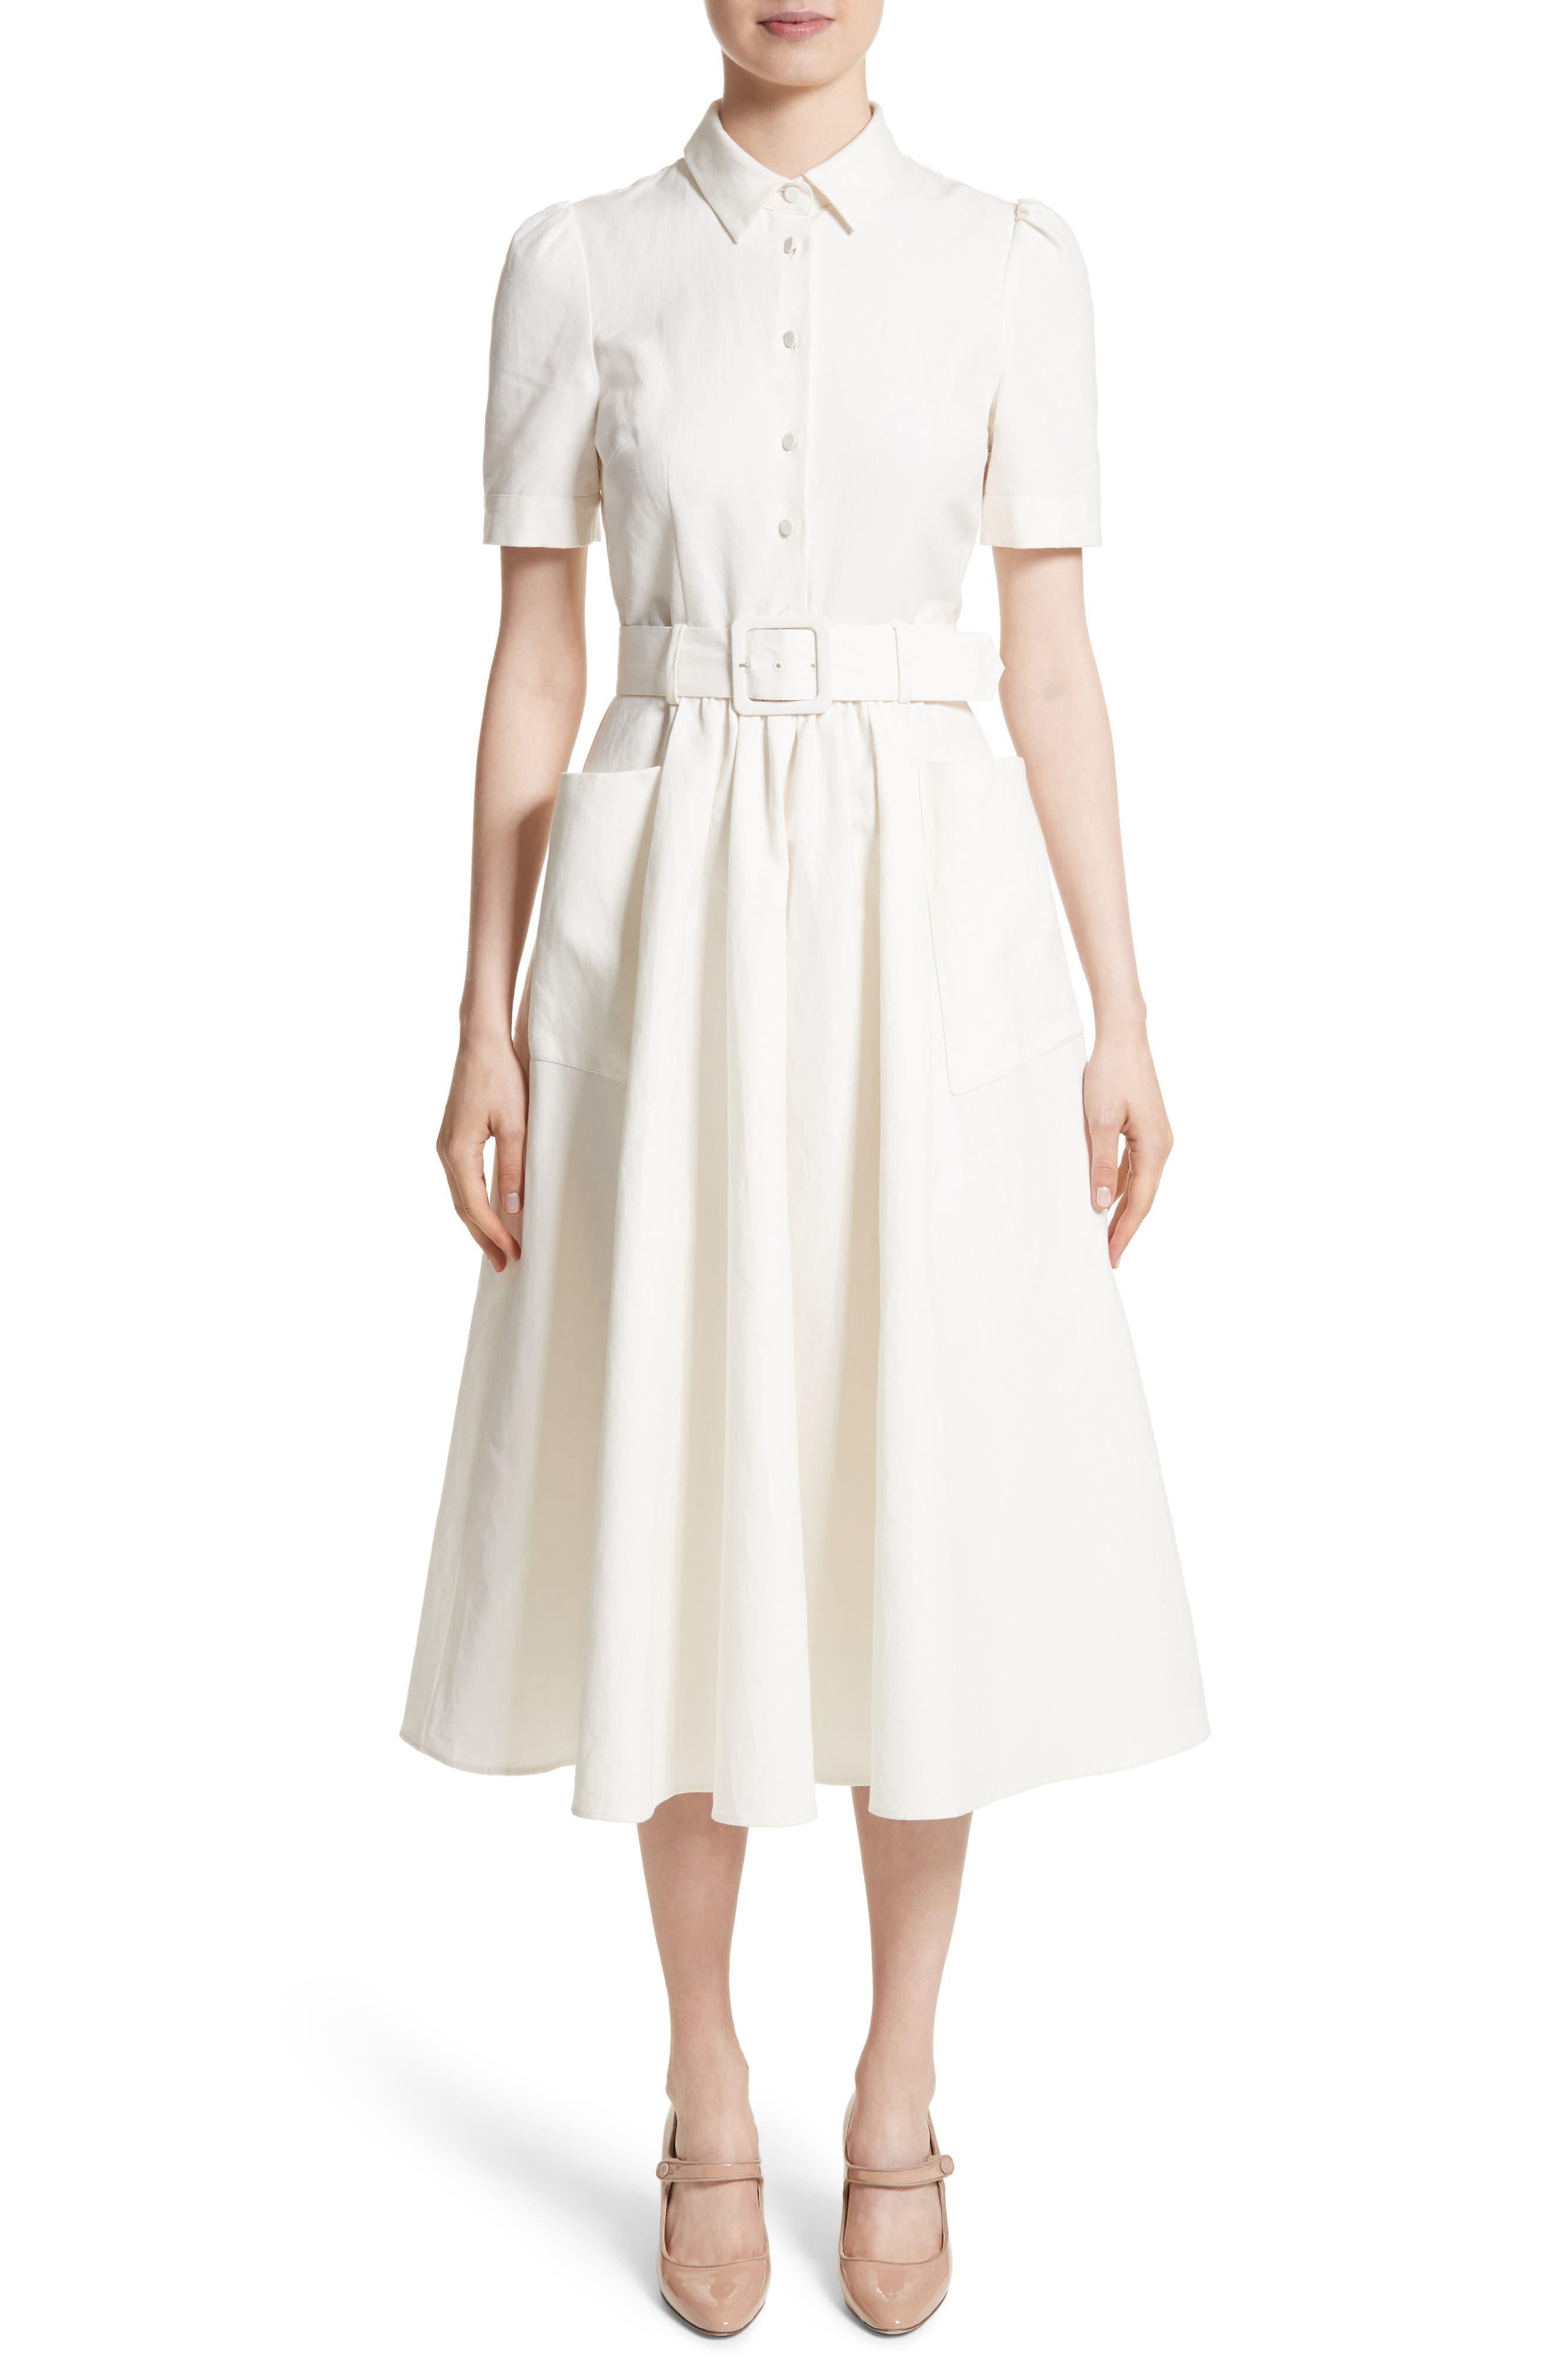 Co Linen & Cotton Shirtdress